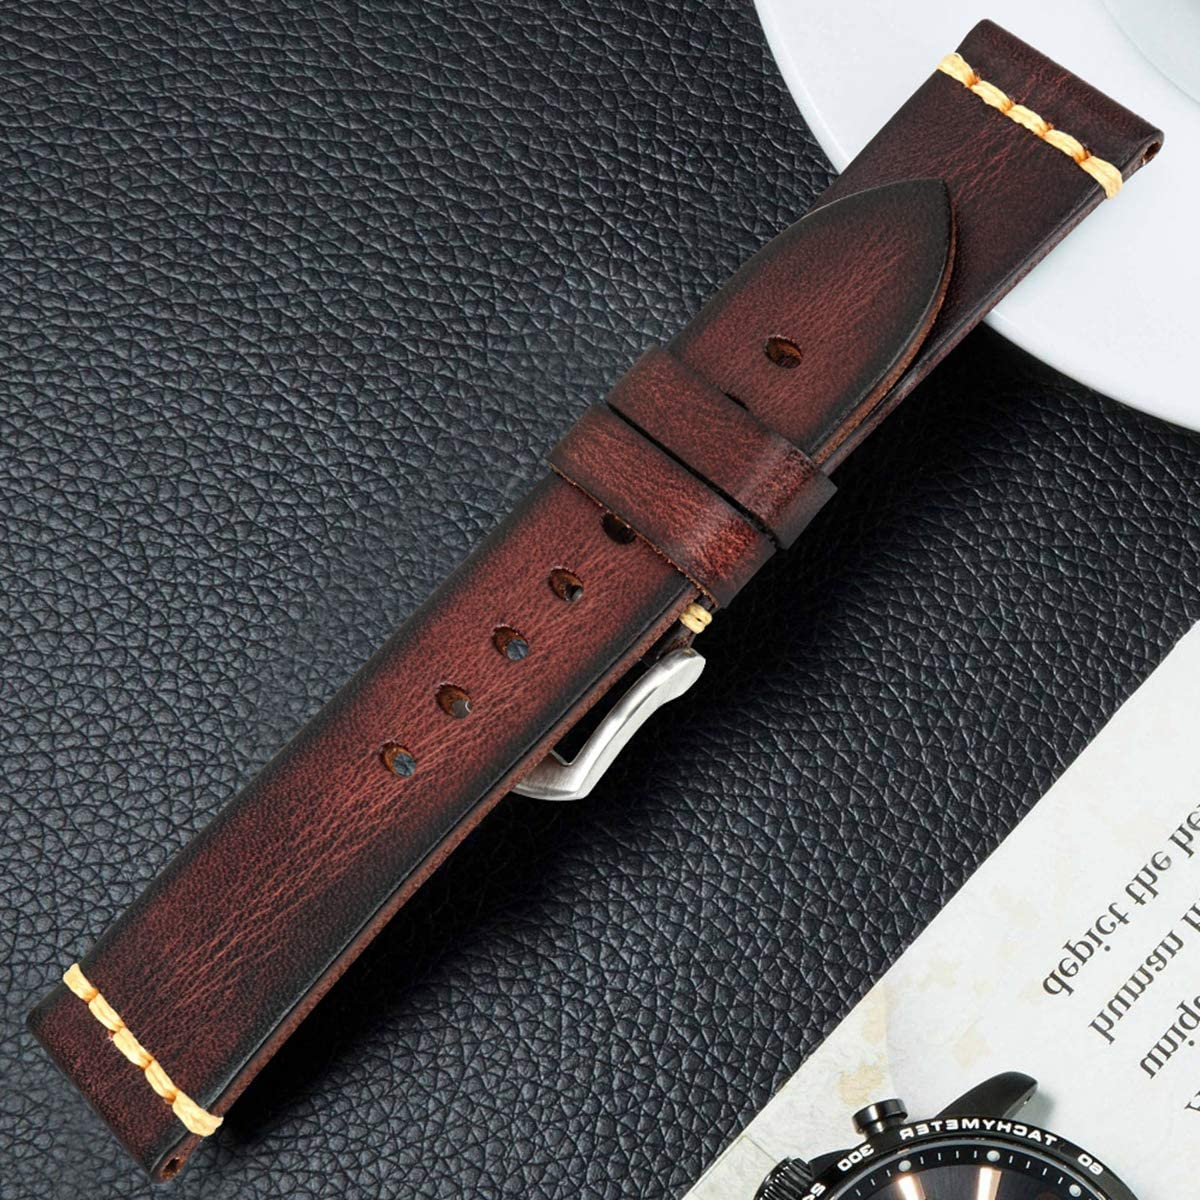 Bracelet en Cuir Bracelet 18mm 20mm 22mm 24mm du Bracelet Montre Bracelets Poignet Natural Brown Silver